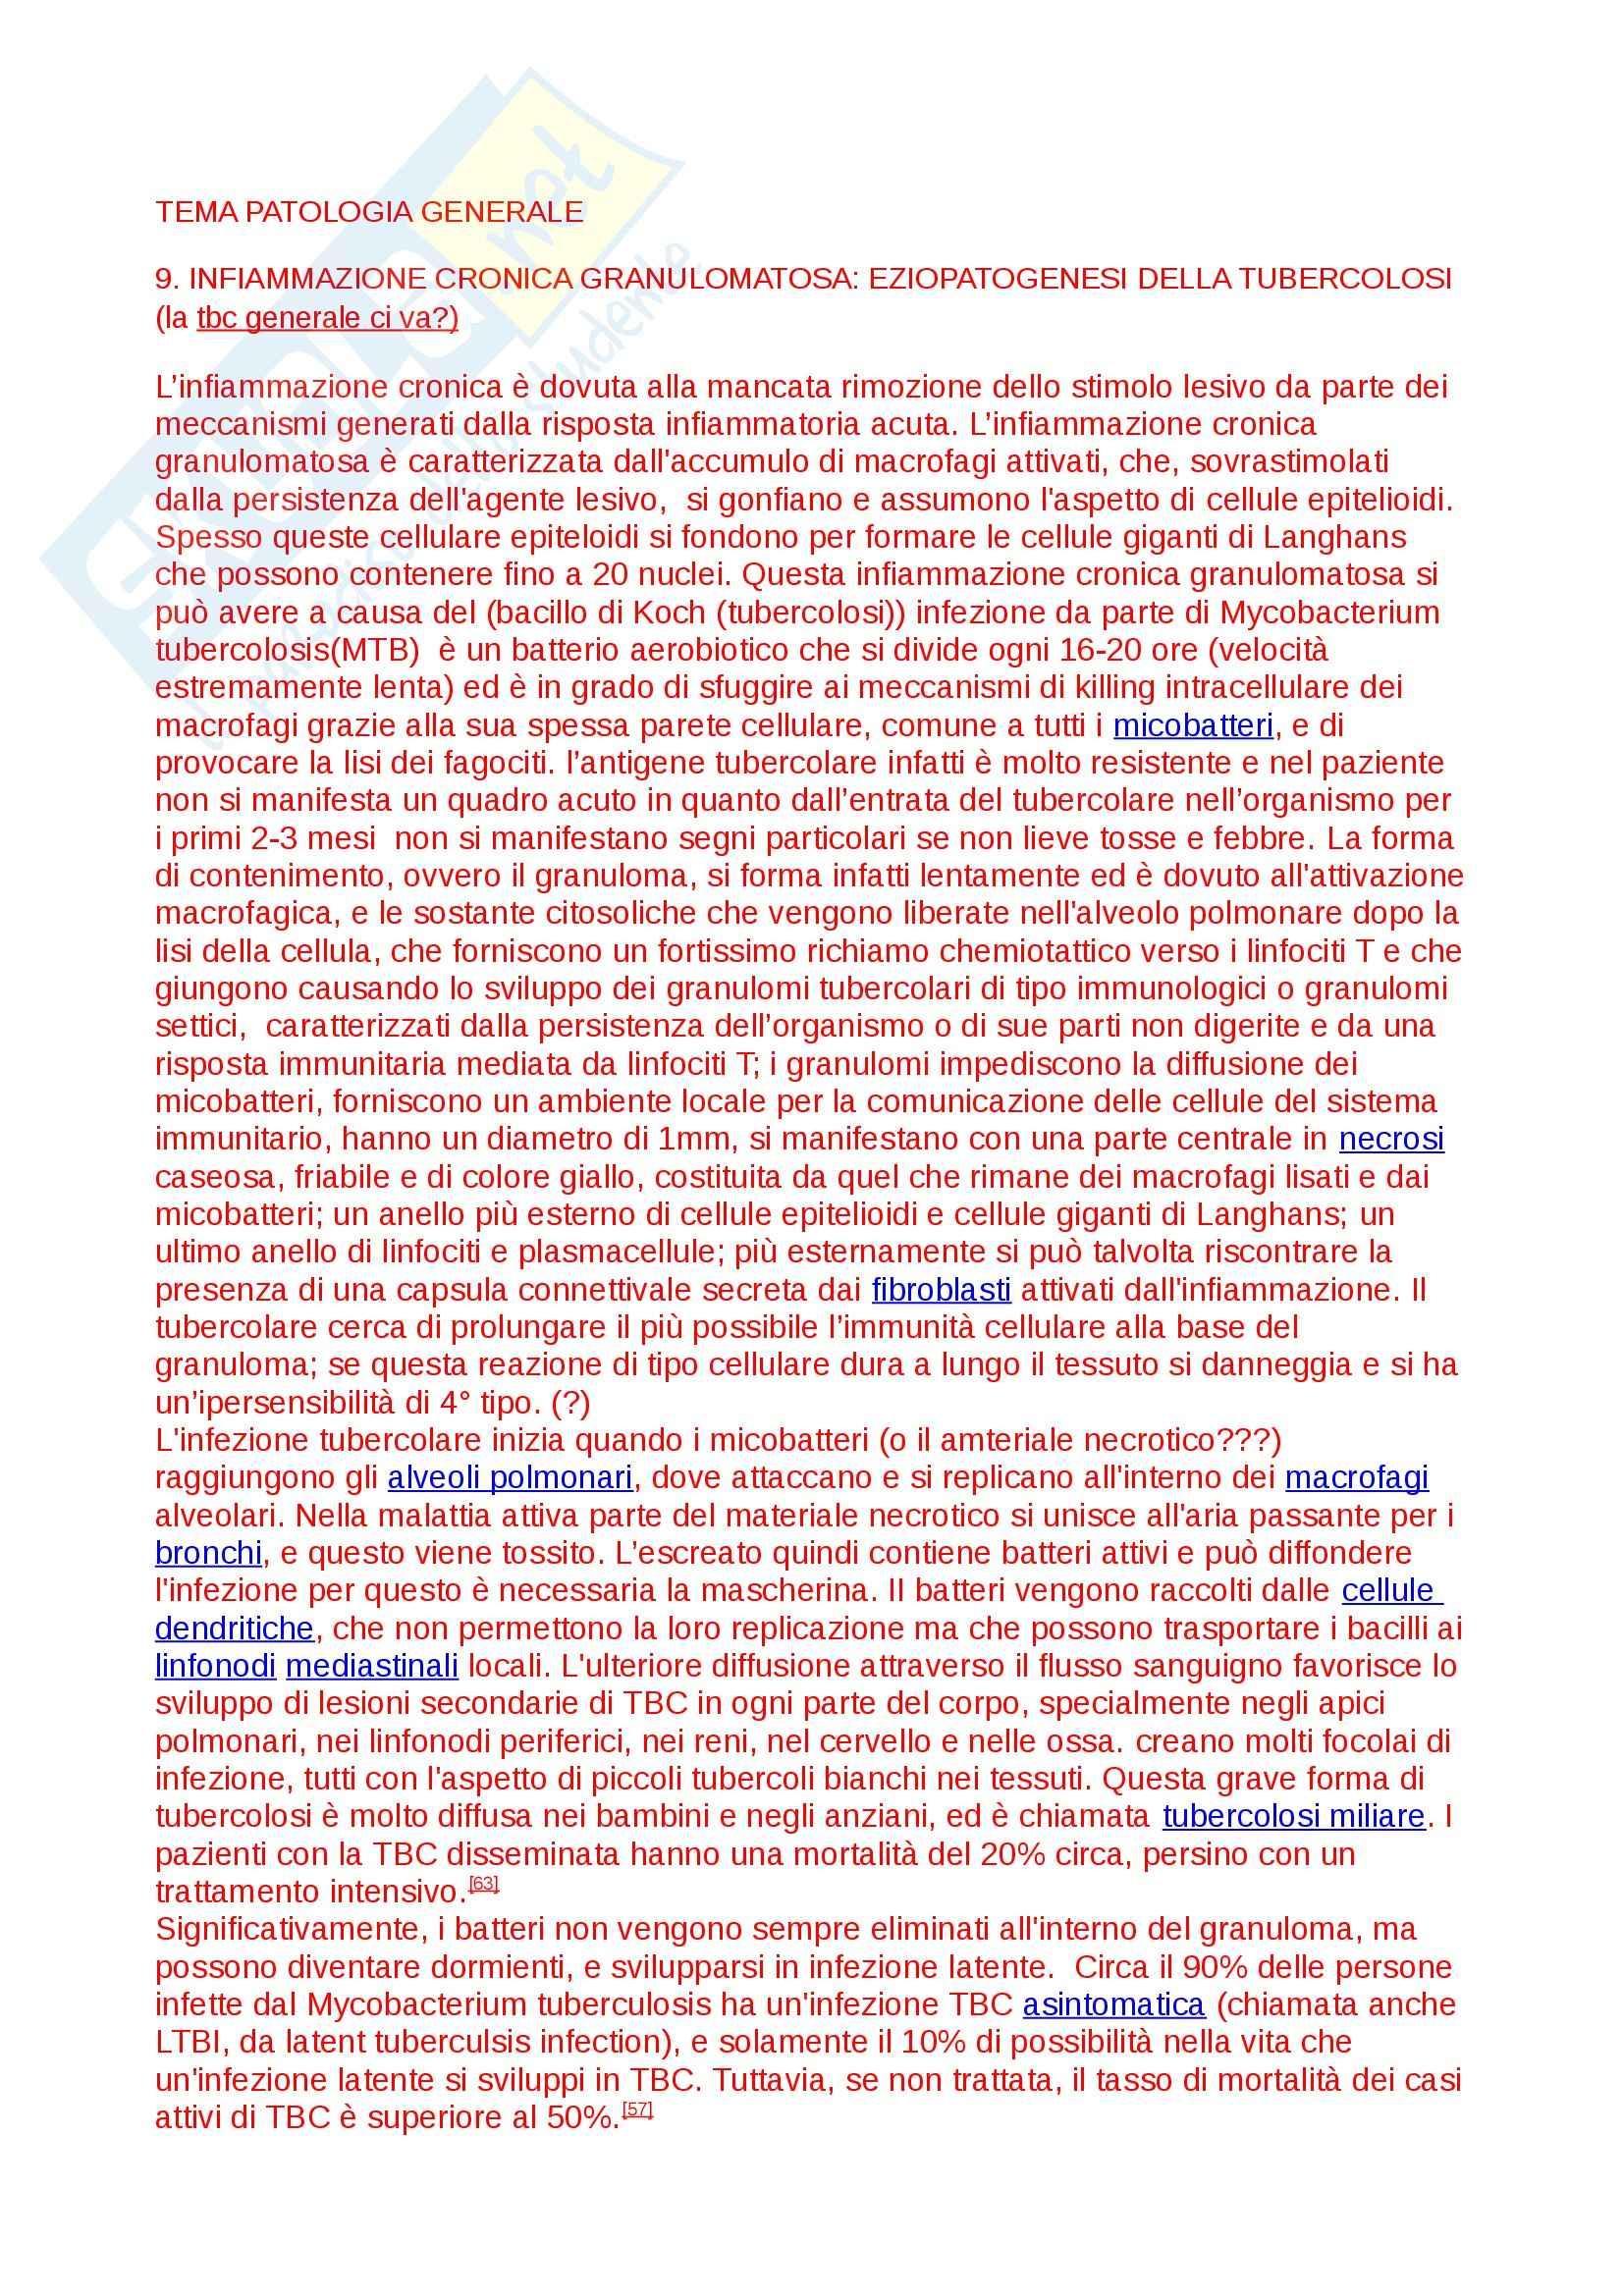 Tubercolosi, Fisiopatologia